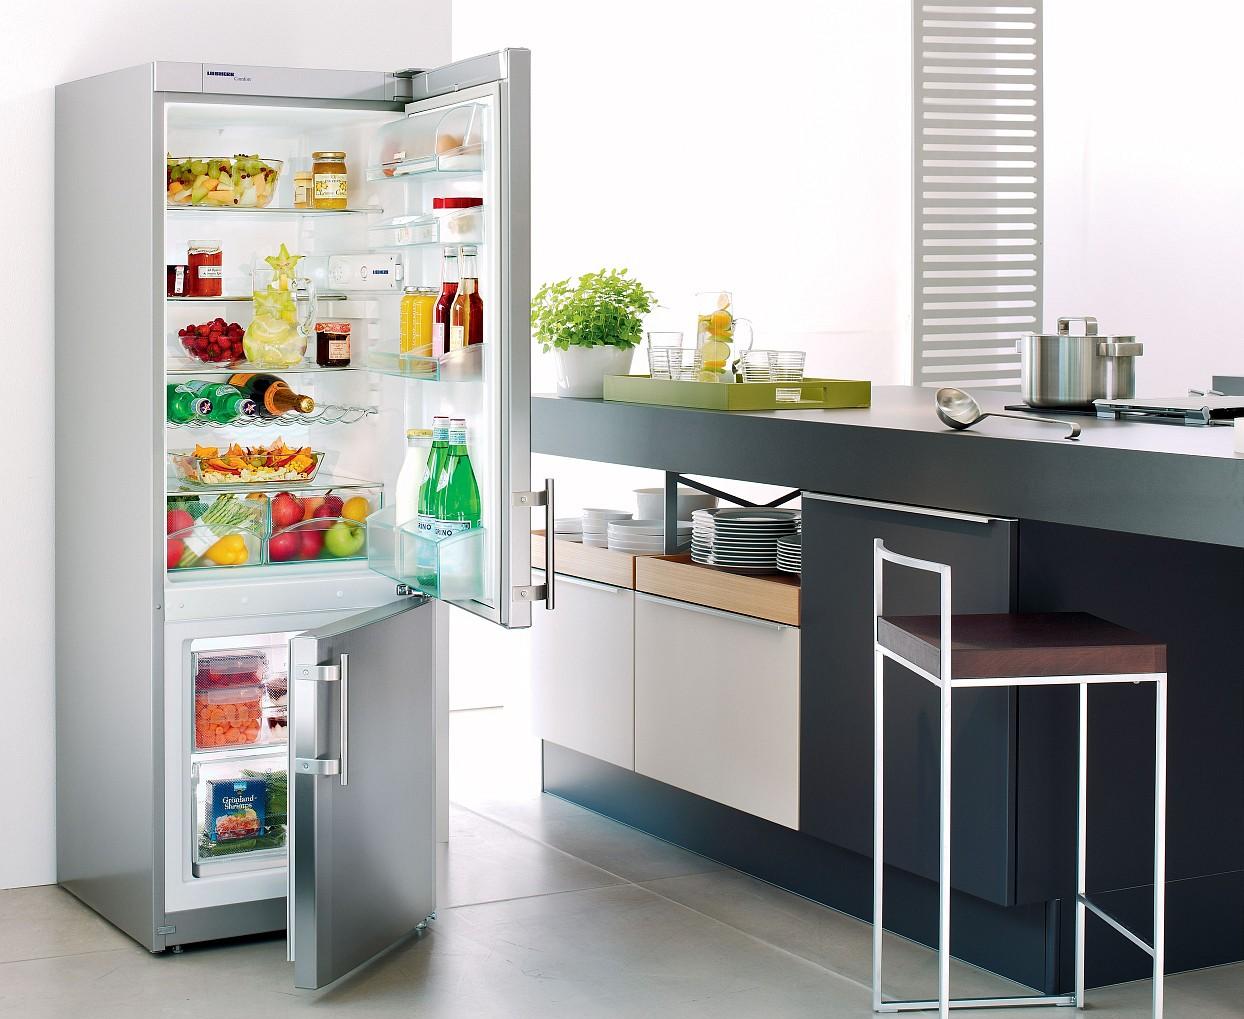 Как выбрать холодильник советы, нюансы, хитрости – Холодильник с морозилкой снизу